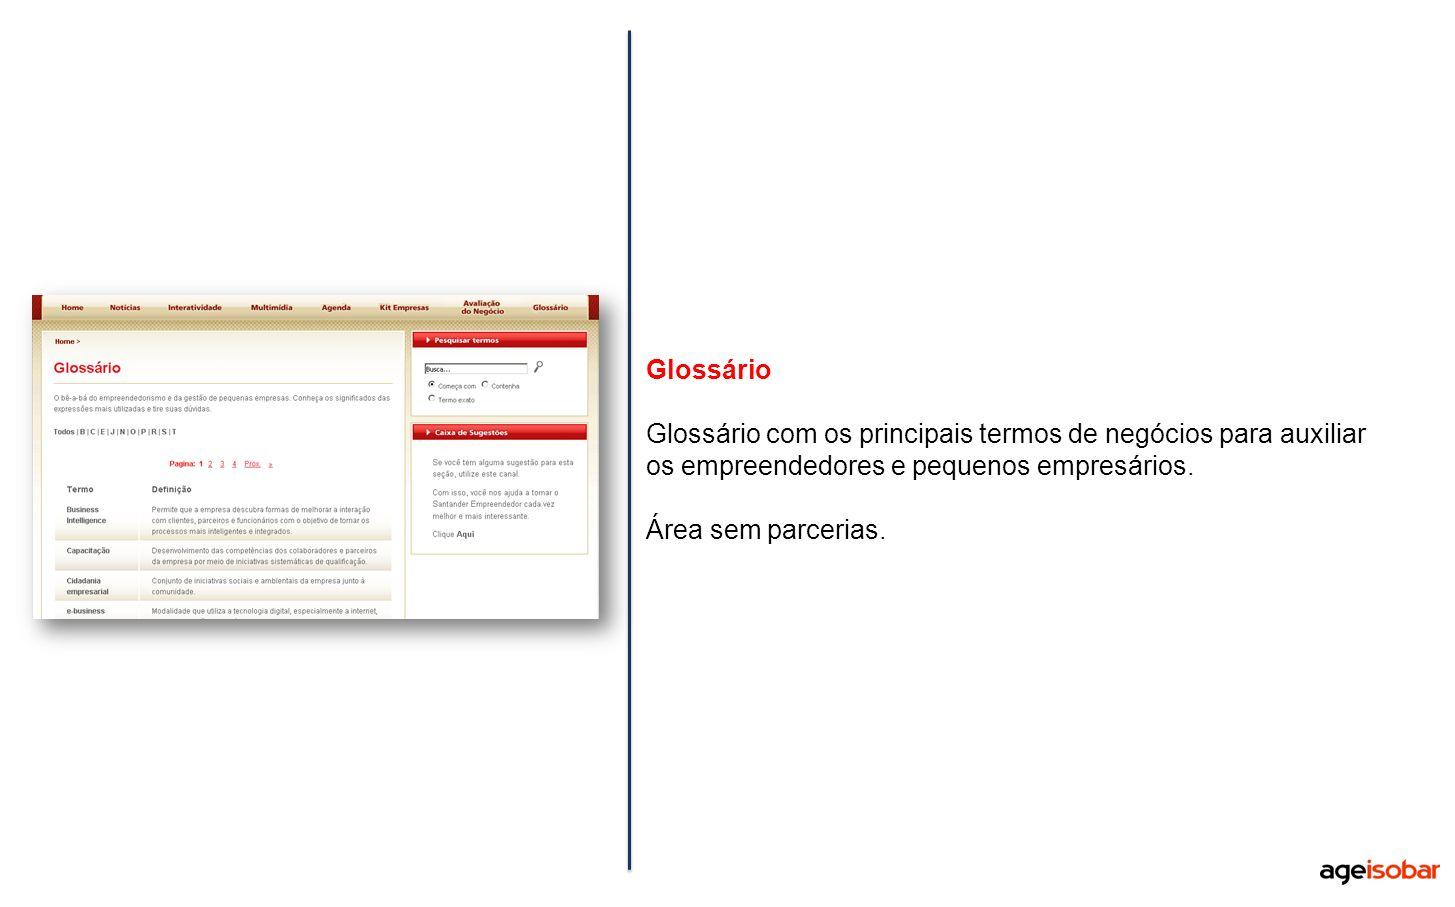 Glossário Glossário com os principais termos de negócios para auxiliar os empreendedores e pequenos empresários. Área sem parcerias.